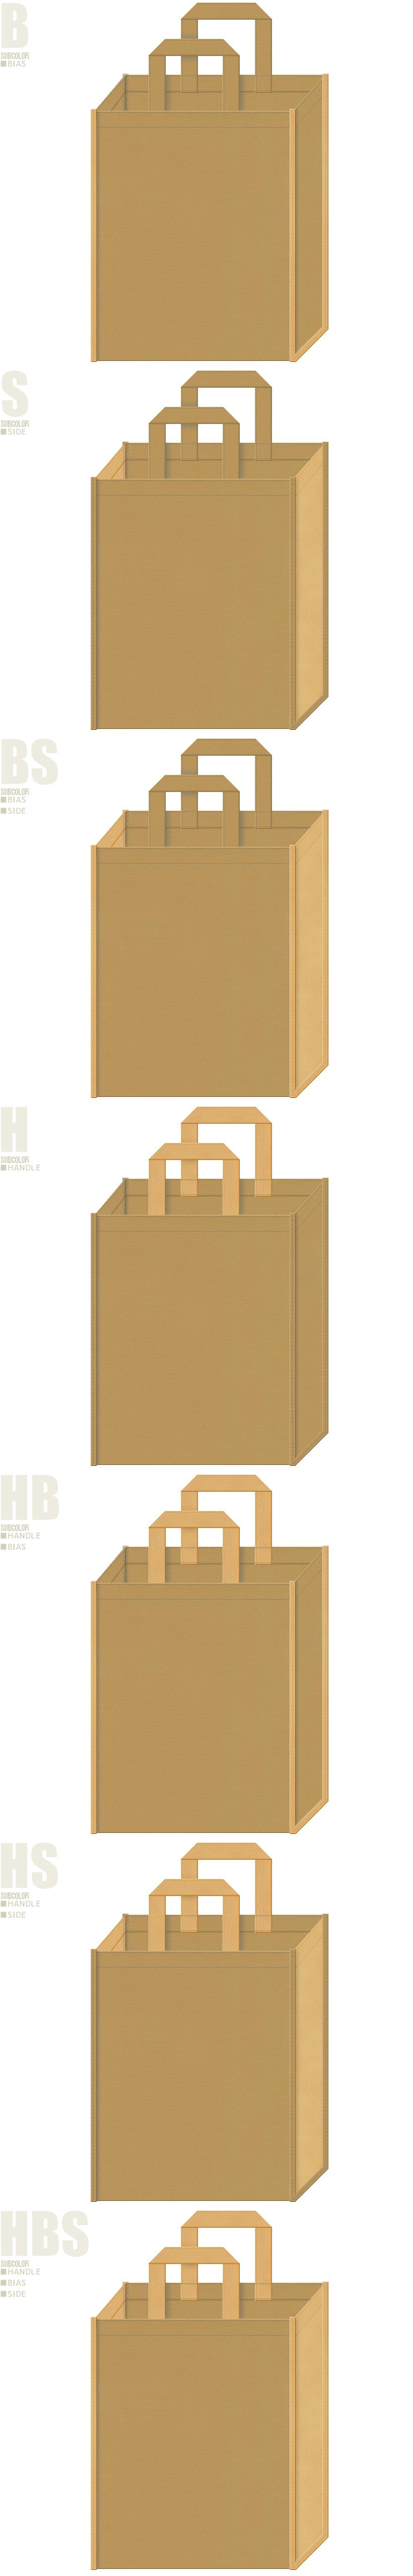 毛糸・手芸教室・木材・工作教室・木版・日曜大工・作業用品・DIYの展示会用バッグにお奨めの不織布バッグデザイン:マスタード色と薄黄土色の配色7パターン